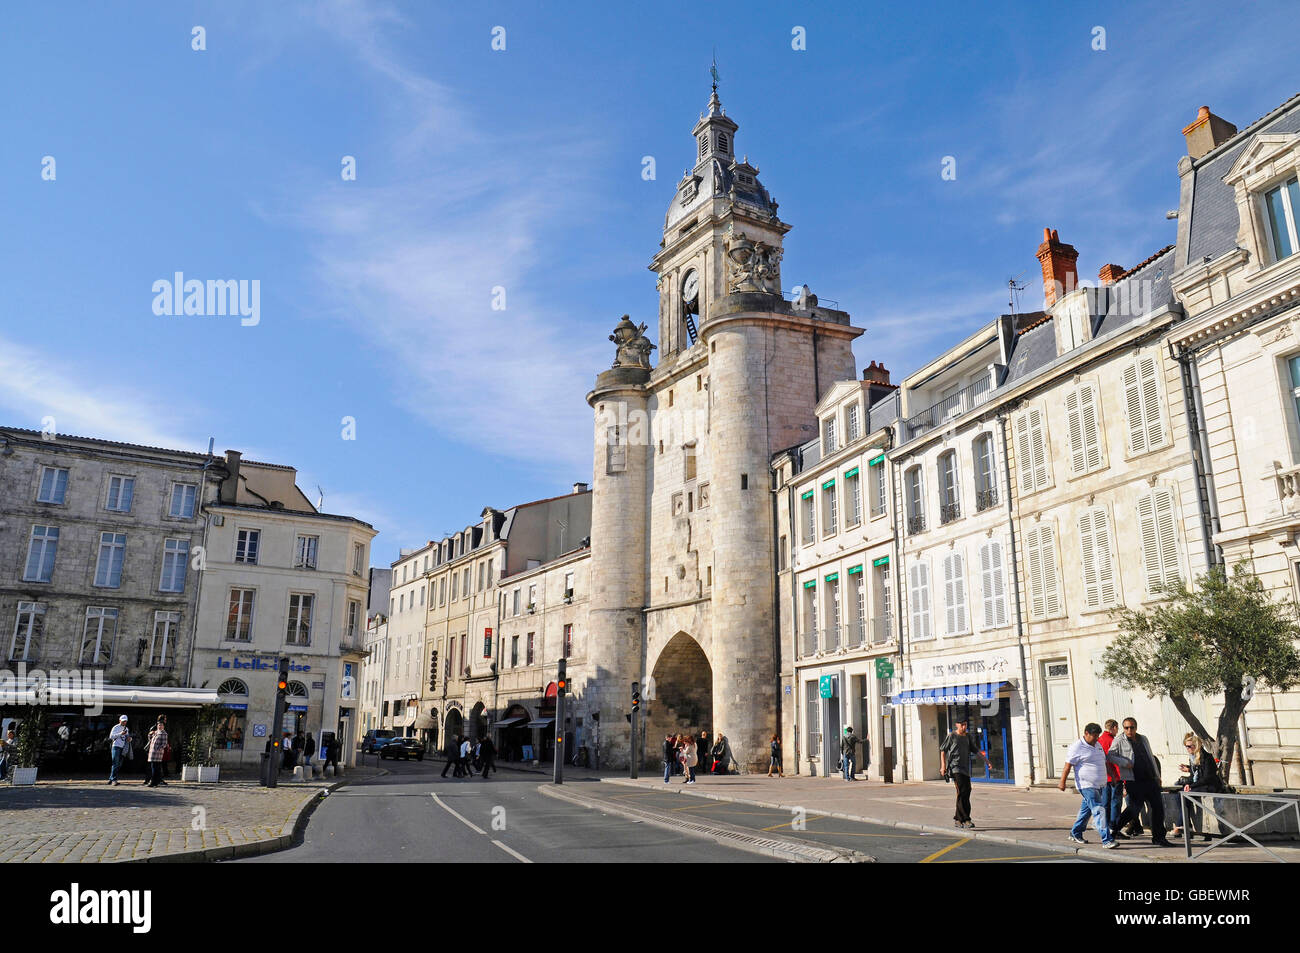 Porte de la Grosse Horloge, city gate, La Rochelle, Departement Charente-Maritime, Poitou-Charentes, France - Stock Image